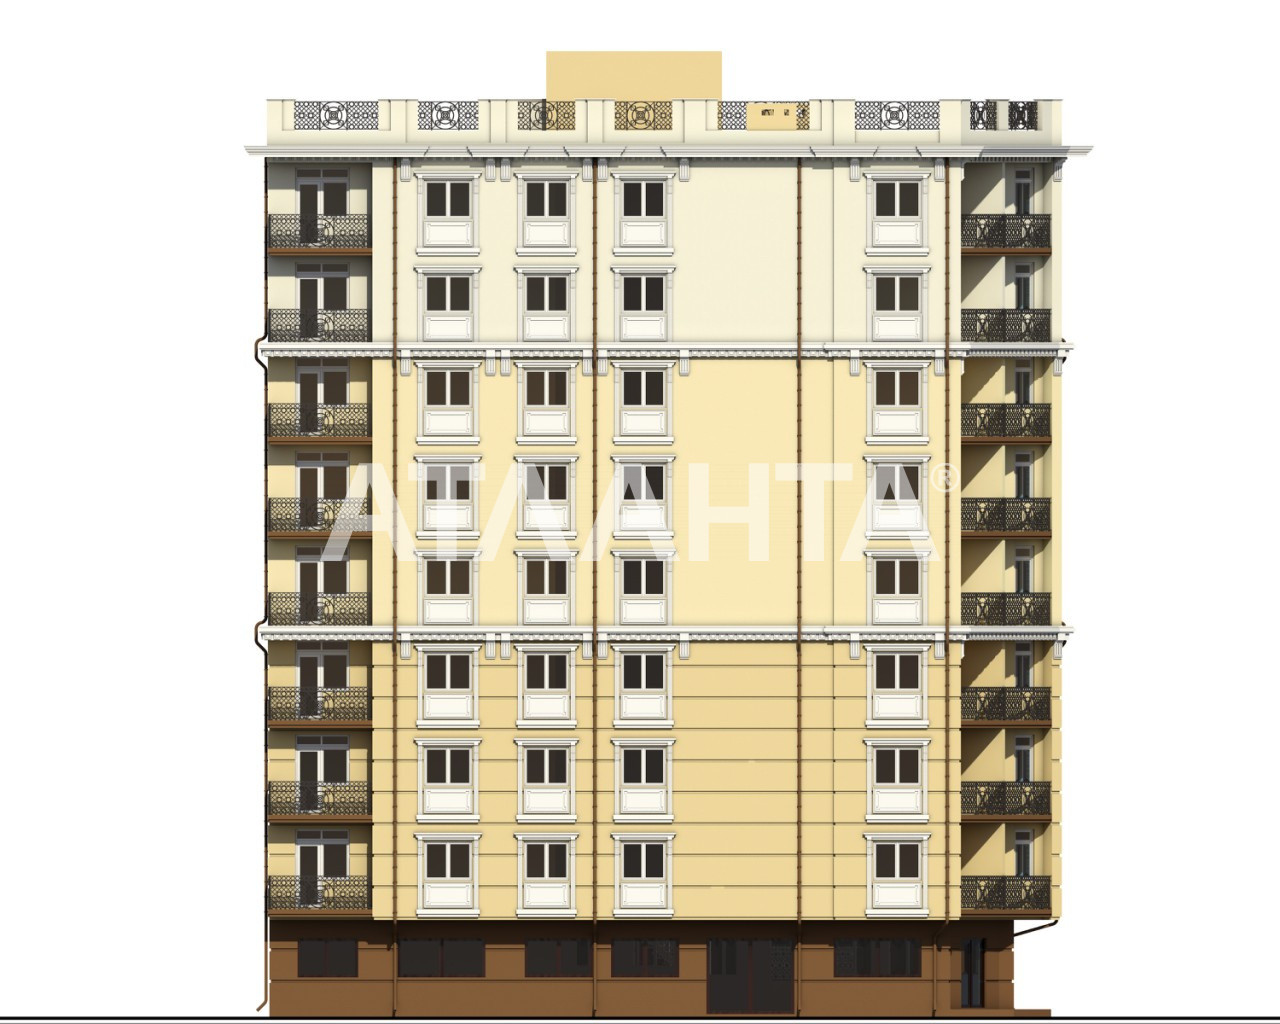 Продается 1-комнатная Квартира на ул. Новосельского (Островидова) — 47 380 у.е. (фото №4)